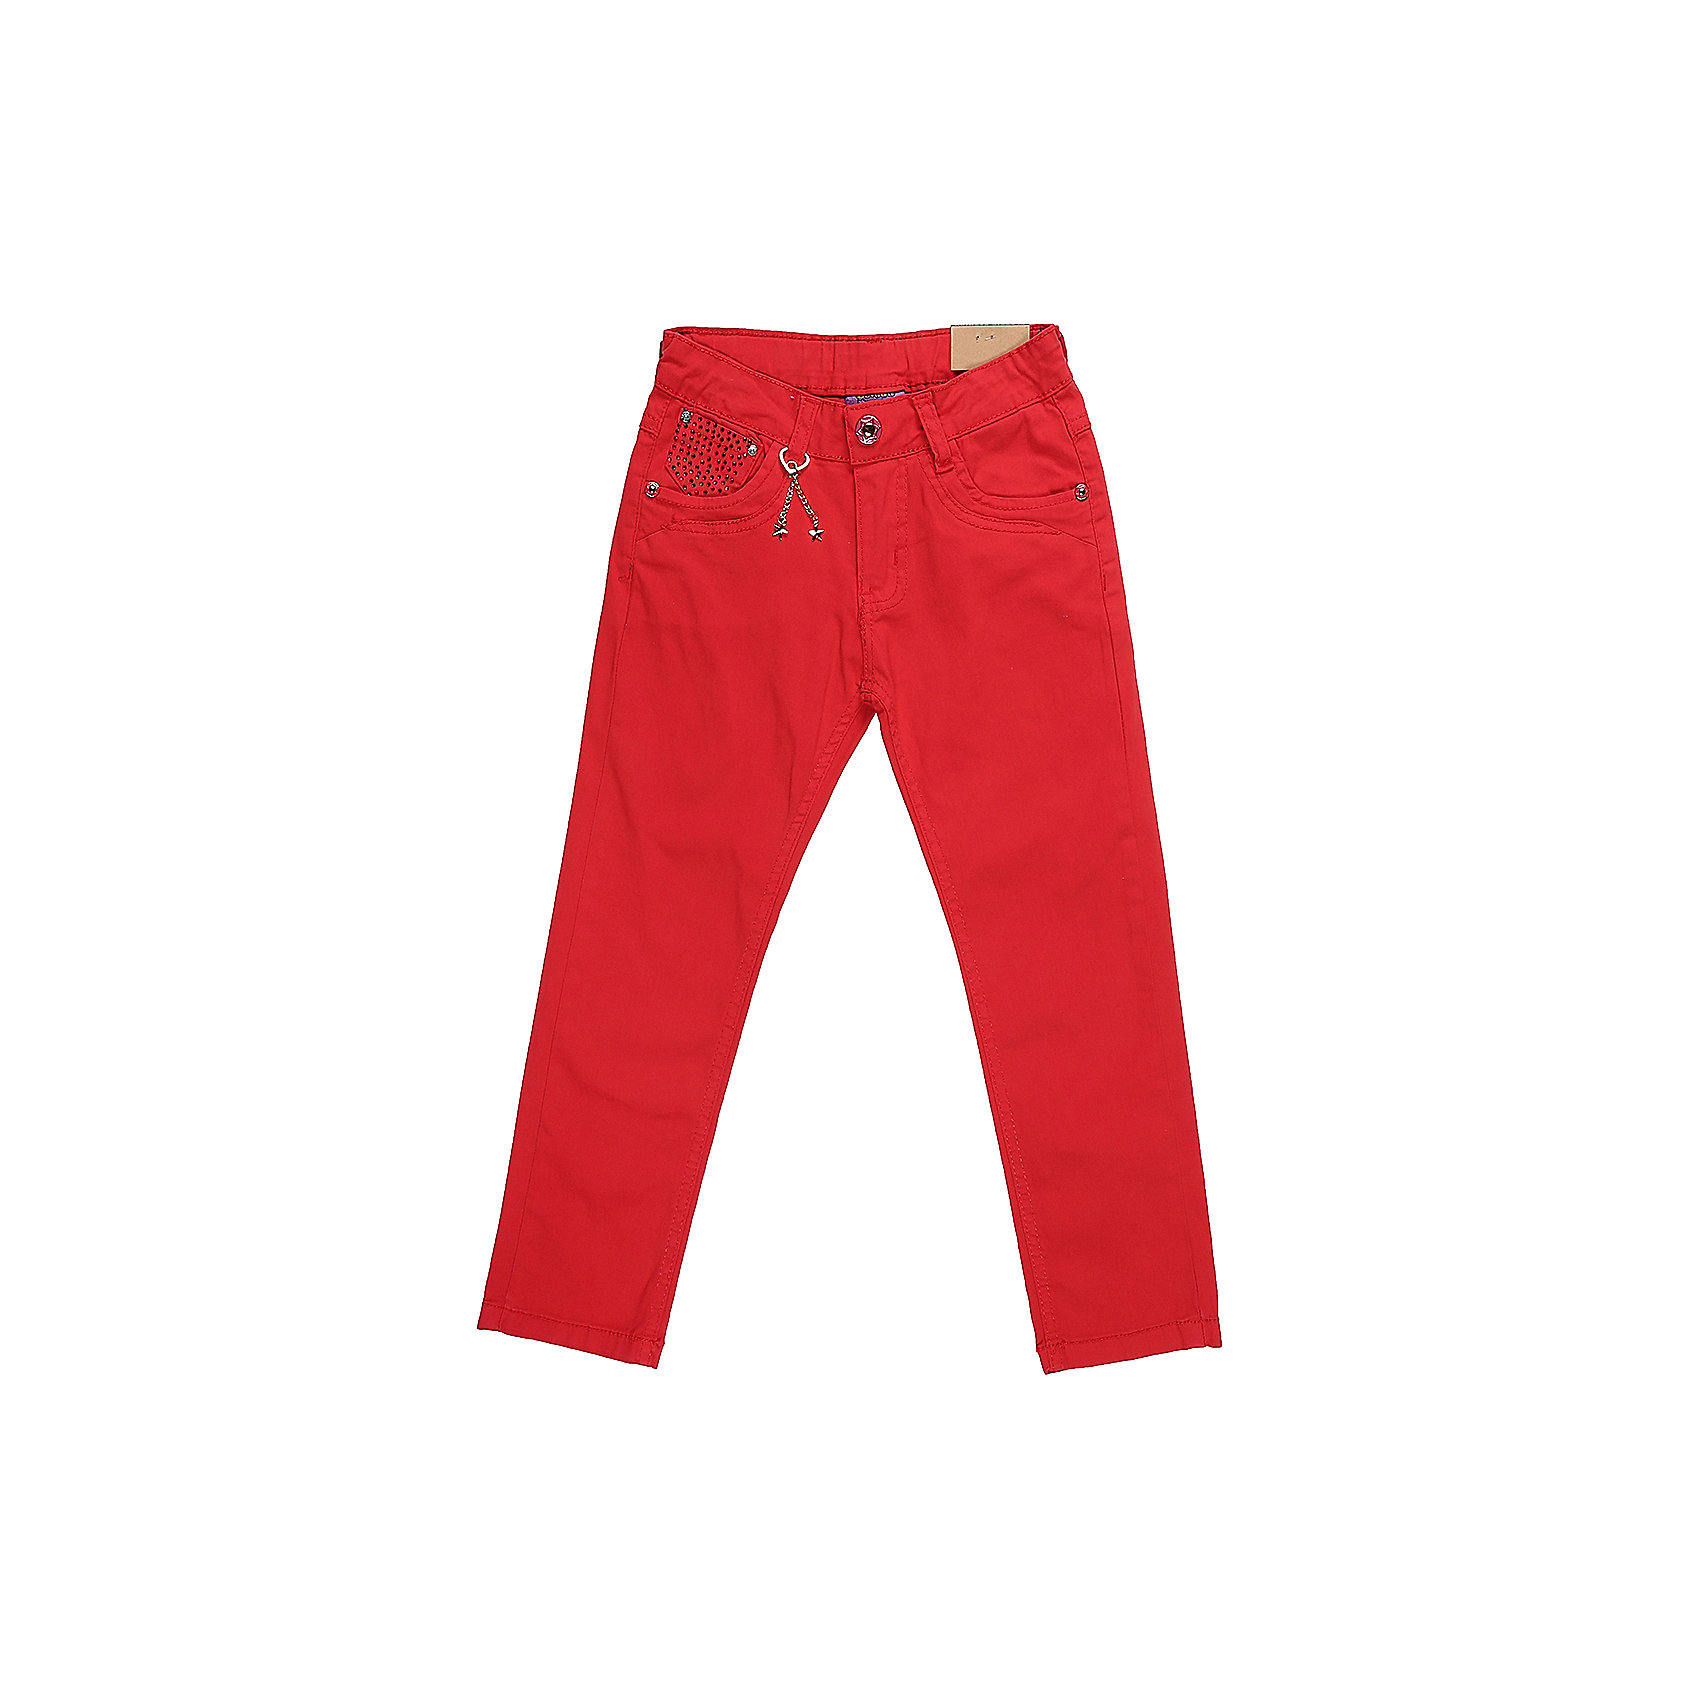 Брюки для девочки Sweet BerryБрюки<br>Стильные джинсовые брюки для девочки. Зауженный крой. Застегиваются на молнию и пуговицу. Шлевки на поясе рассчитаны под ремень. В боковой части пояса находятся вшитые эластичные ленты, регулирующие посадку по талии.<br>Состав:<br>98%хлопок 2%эластан<br><br>Ширина мм: 215<br>Глубина мм: 88<br>Высота мм: 191<br>Вес г: 336<br>Цвет: красный<br>Возраст от месяцев: 36<br>Возраст до месяцев: 48<br>Пол: Женский<br>Возраст: Детский<br>Размер: 104,98,110,116,122,128<br>SKU: 5412141